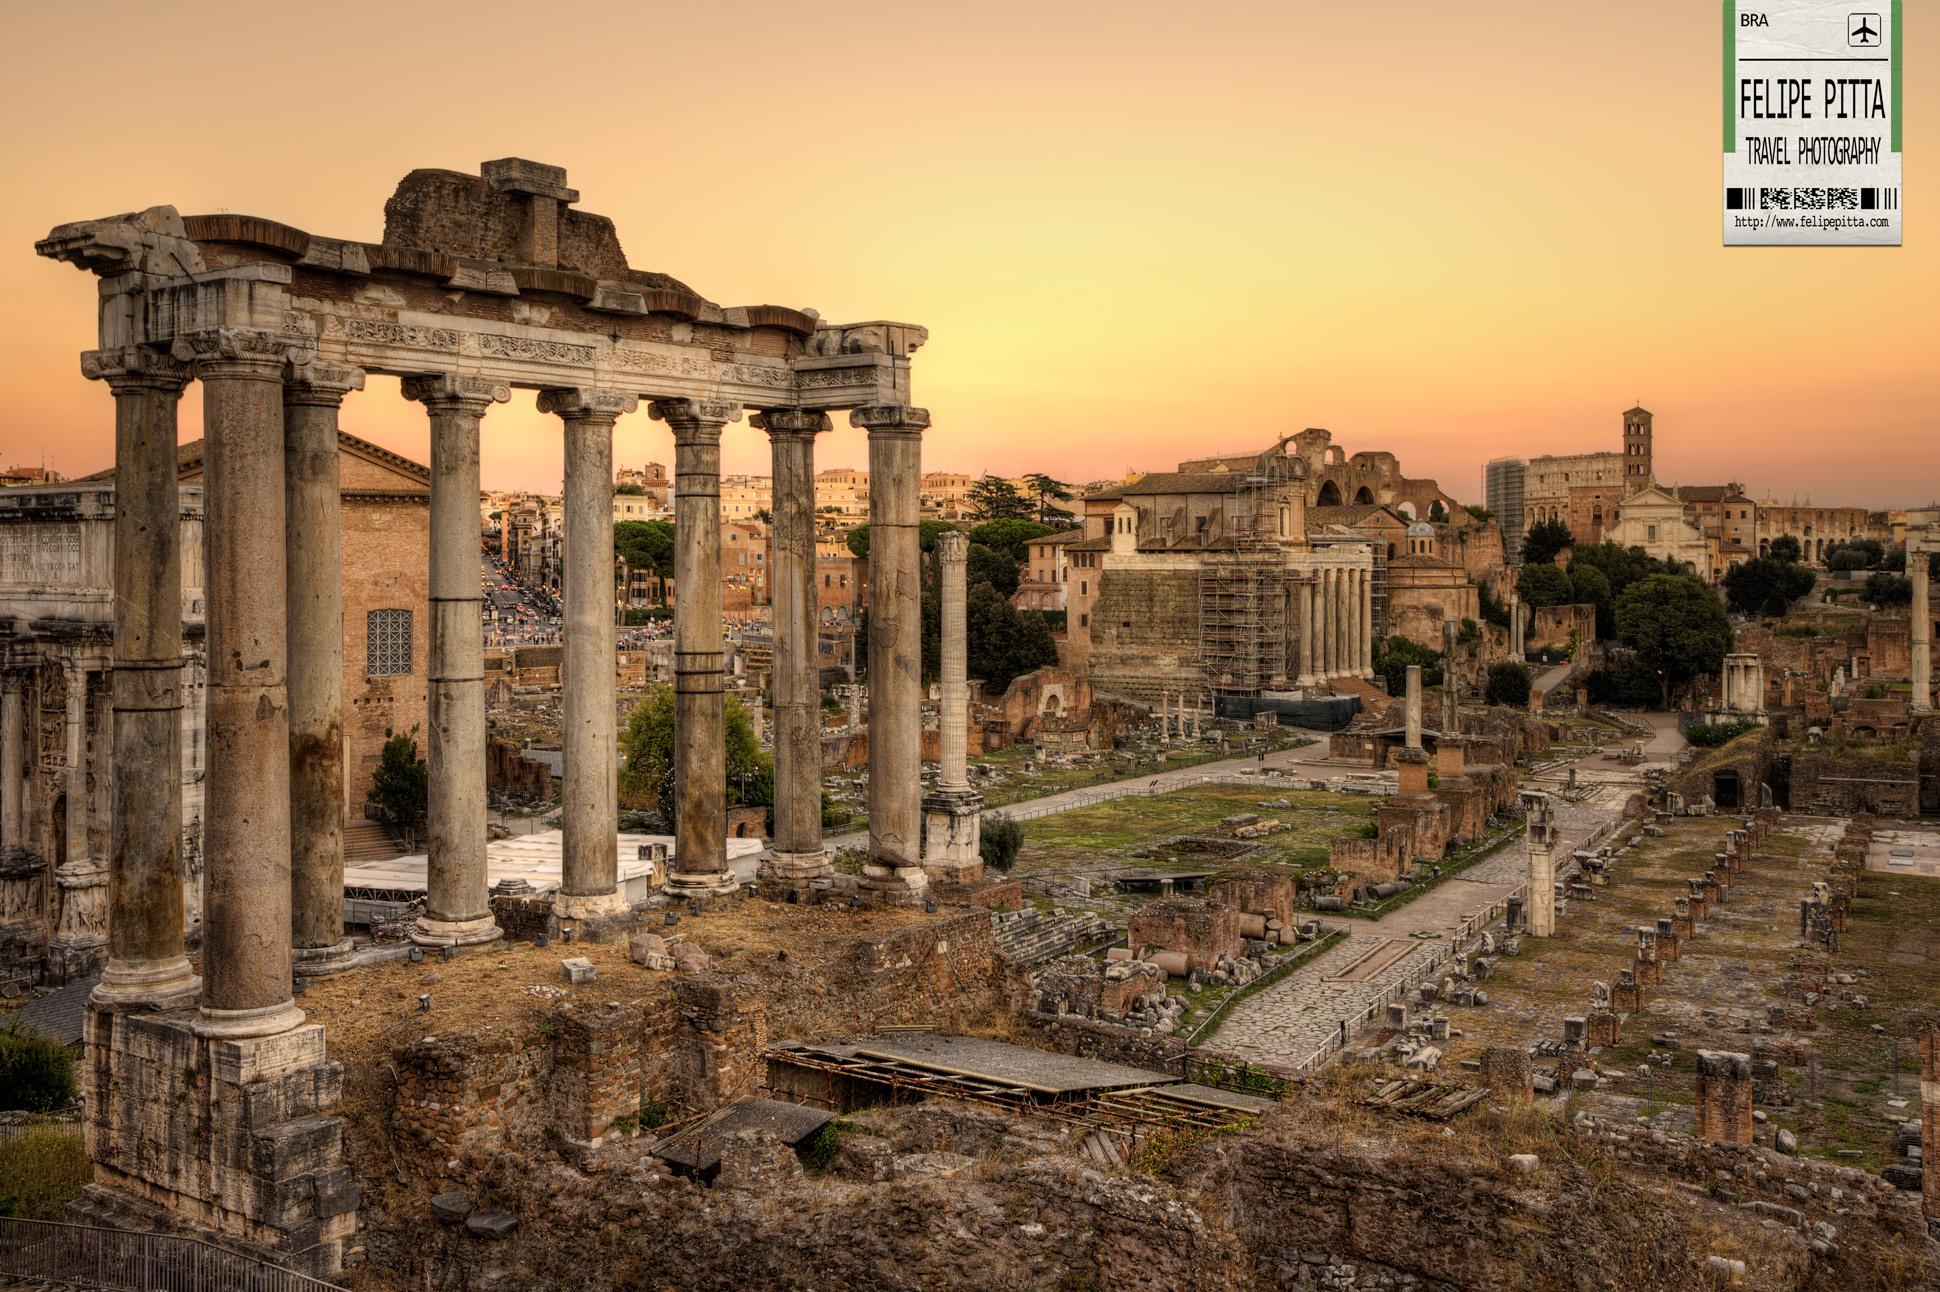 Foro Romano Roman Forum Sunset Rome Italy